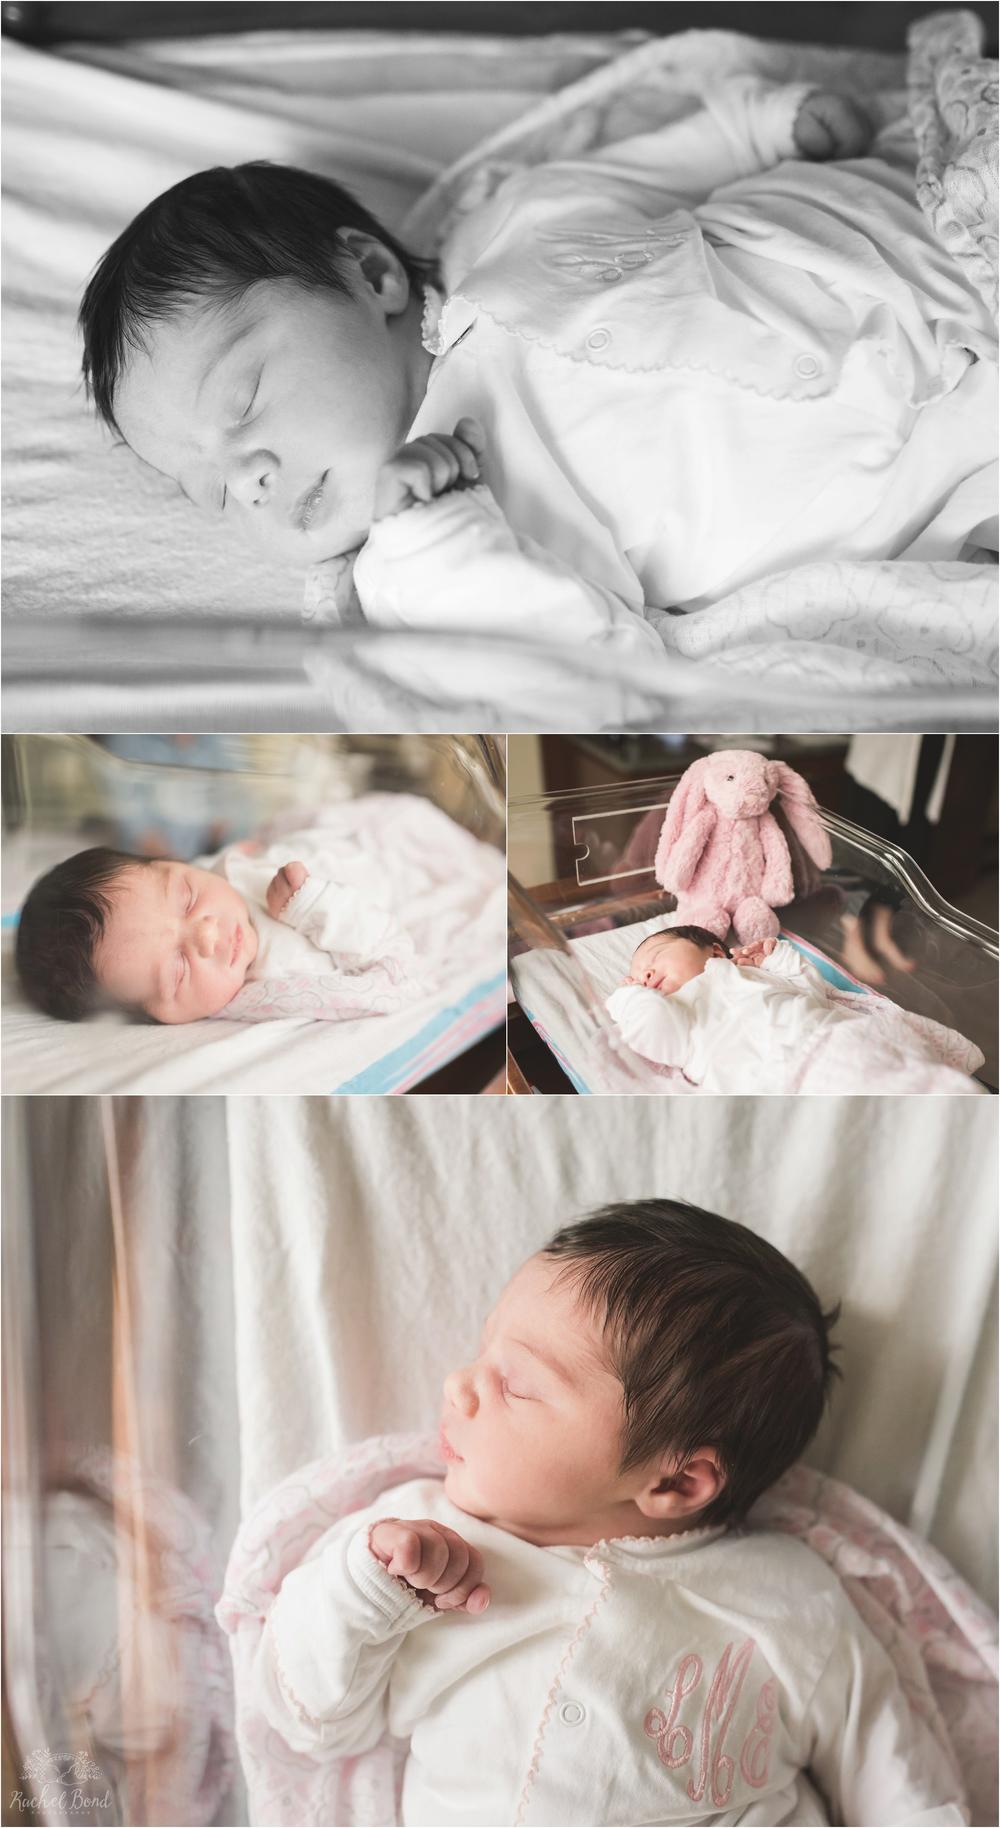 Leighton Fresh 48 - Birmingham AL Newborn Photographer - rachelbondphotography.com-5.jpg